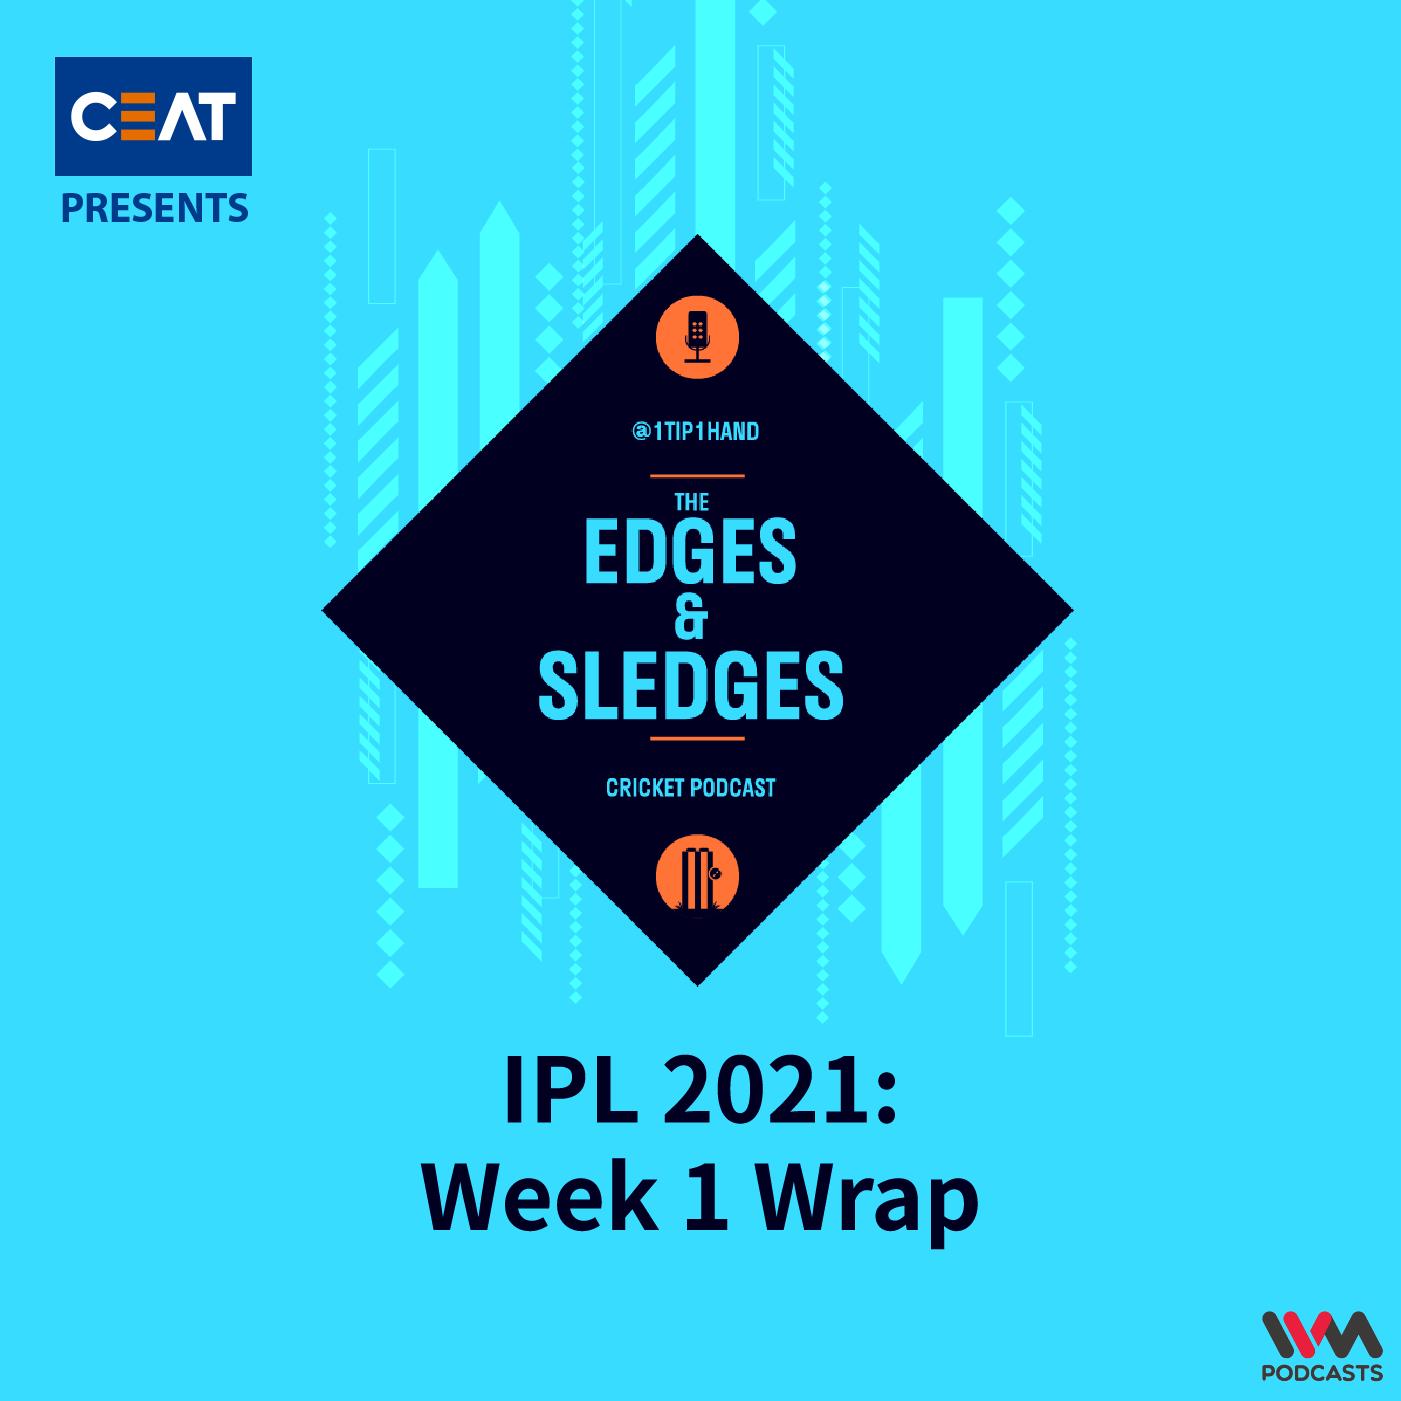 Ep. 168: IPL 2021: Week 1 Wrap